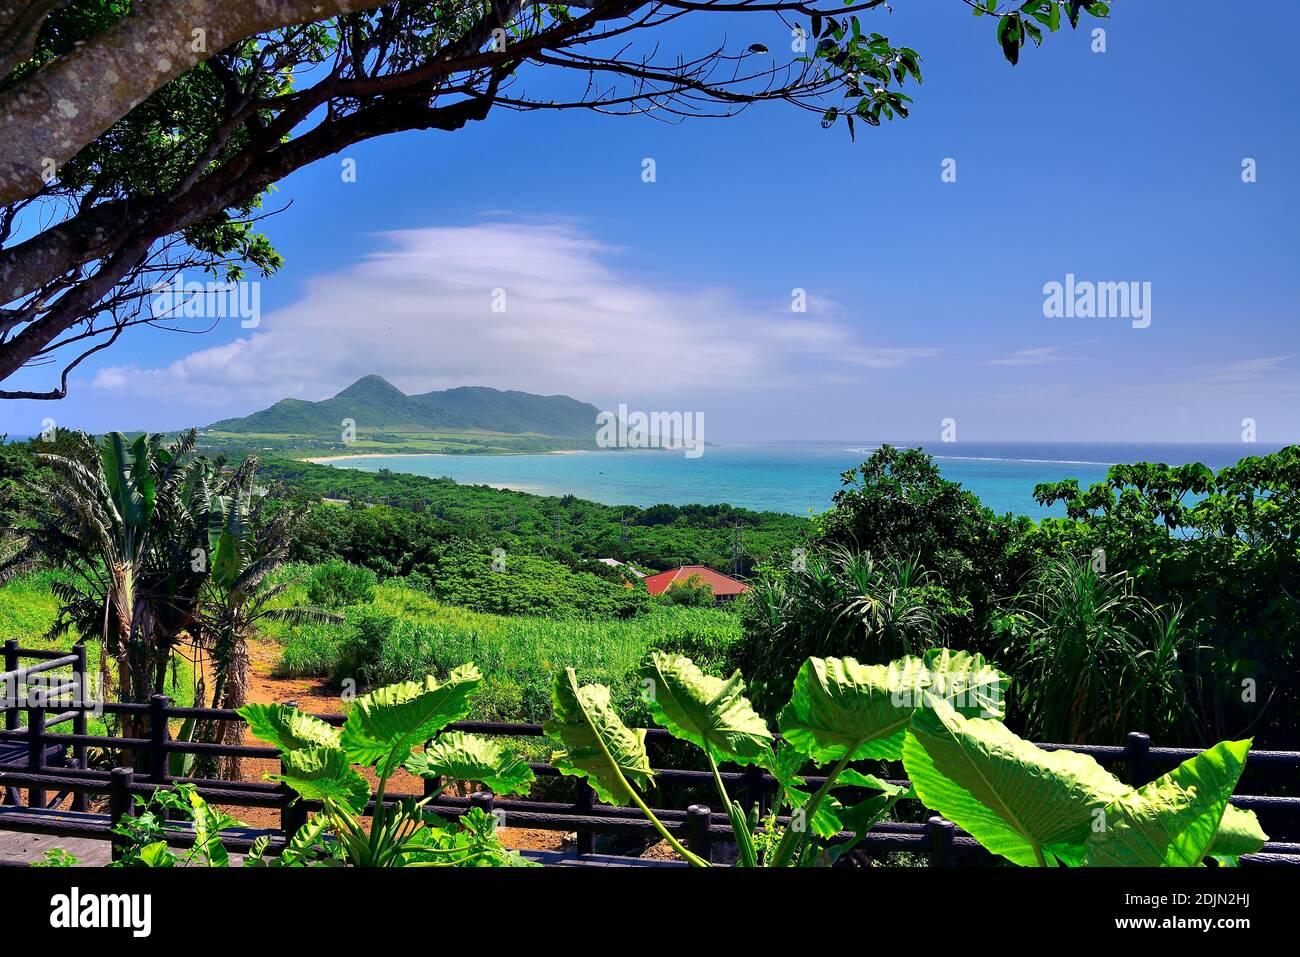 Vue panoramique, depuis Tamatorizak, Ishigaki, les îles Yahema, Okinawa, les îles Ryukyu, Japon Banque D'Images